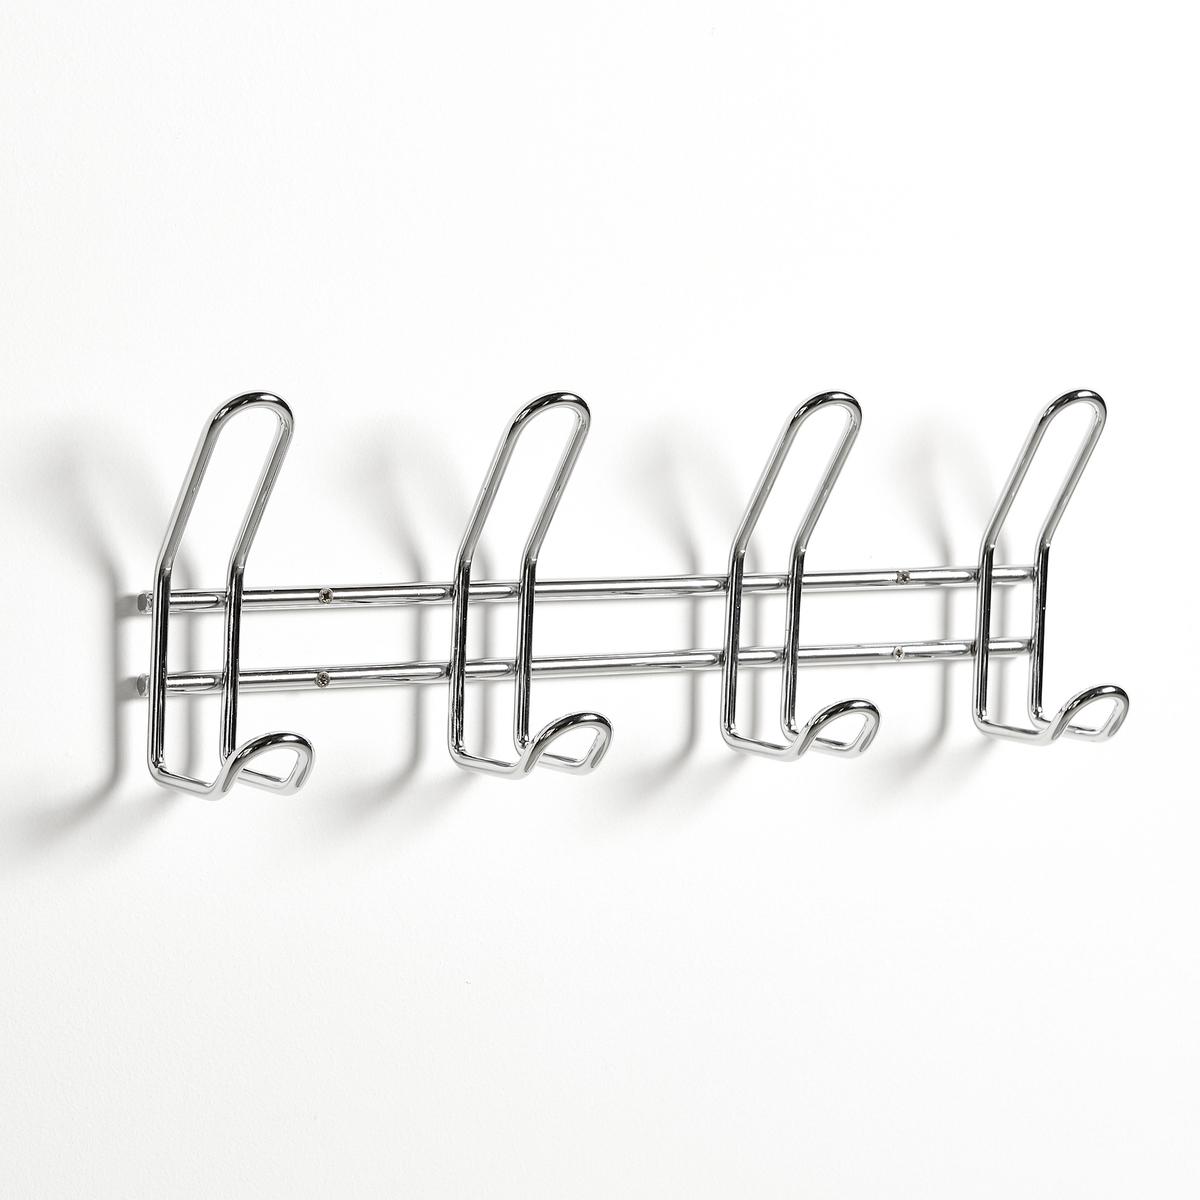 Вешалка с 4 крючками из хромированной сталиПодвесная вешалка из хромированной стали с 4 крючками. Закругленные концы сверху и снизу для защиты одежды. Простой и усовершенствованный дизайн впишется в любой интерьер.Описание вешалки:Вешалка с 4 крючками из хромированной сталиОписание вешалки :Из хромированной сталиРазмеры :Д37,5 x В4,5 x Г13,5  смВес : 0,693 кгРазмеры упаковки : 1 упаковка12 x 12 x 43 смВес : 693 г- Шурупы и дюбели продаются отдельно<br><br>Цвет: серый хромированный